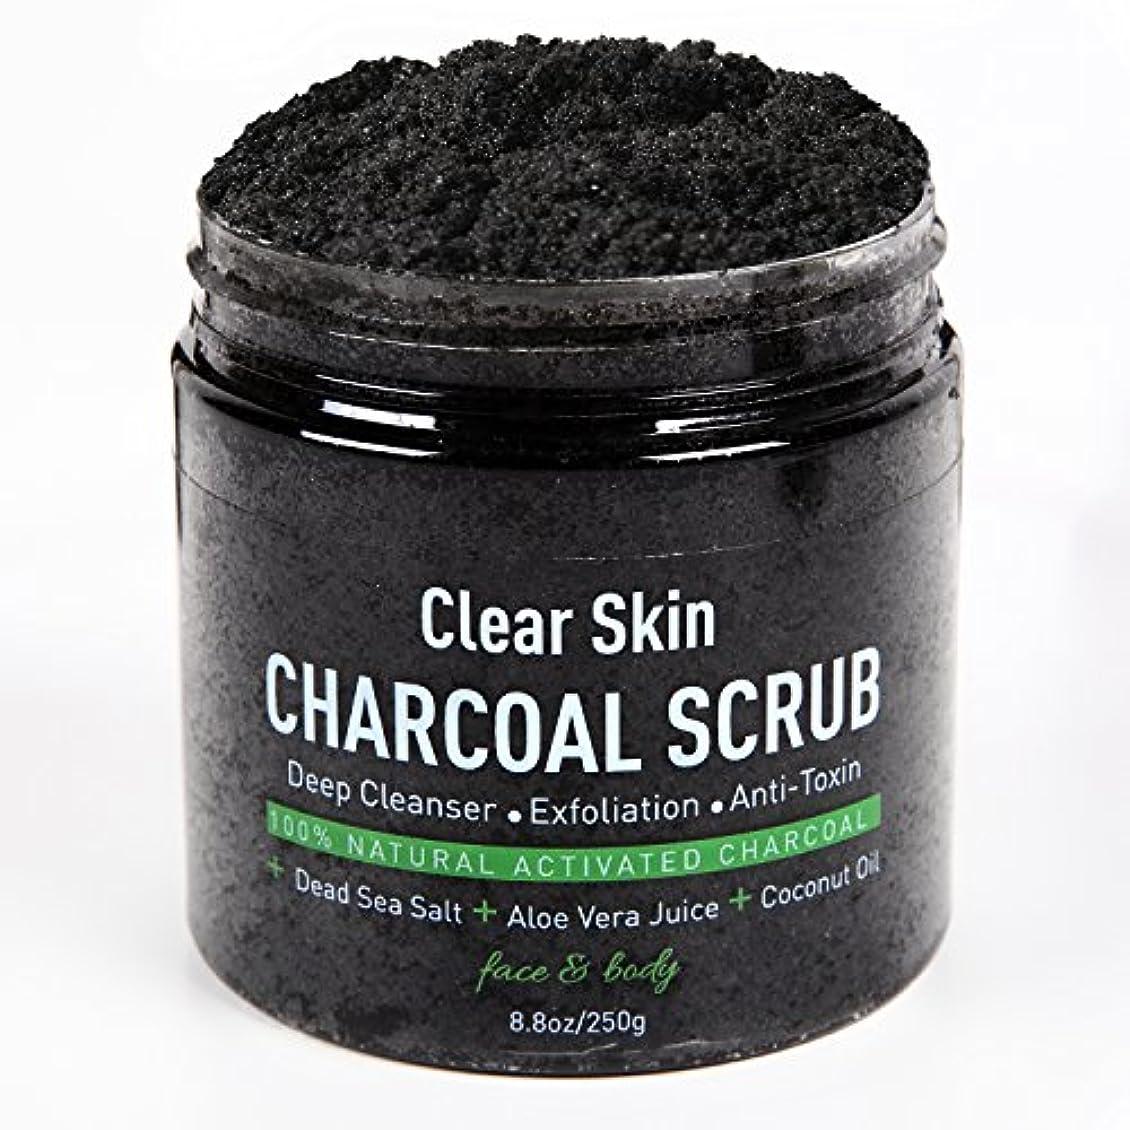 挨拶はさみあなたが良くなります油ぎったオイリー肌を改善するスクラブ洗顔 ボディスクラブ 最高級活性炭により古い角質,毛穴の汚れをかき出す美肌効果